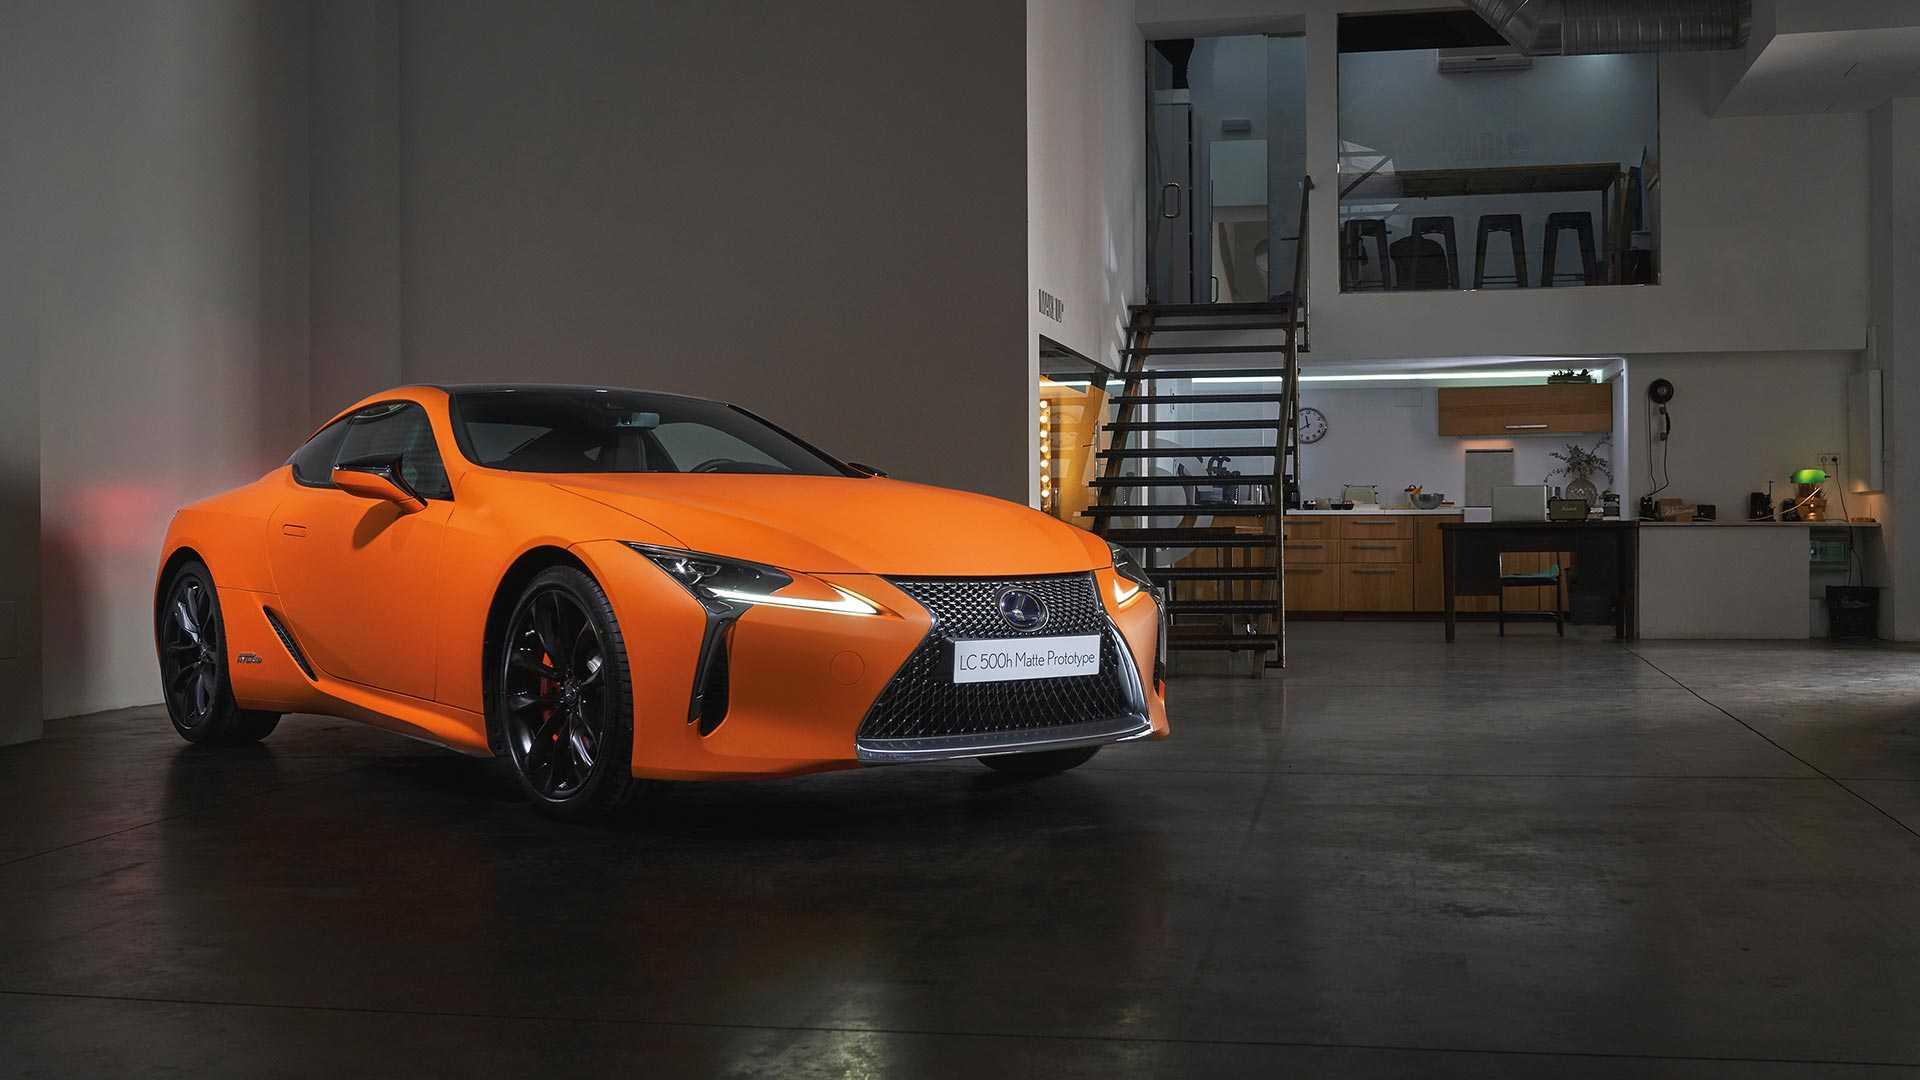 lexus-lc-500h-matte-prototype-space-orange-1